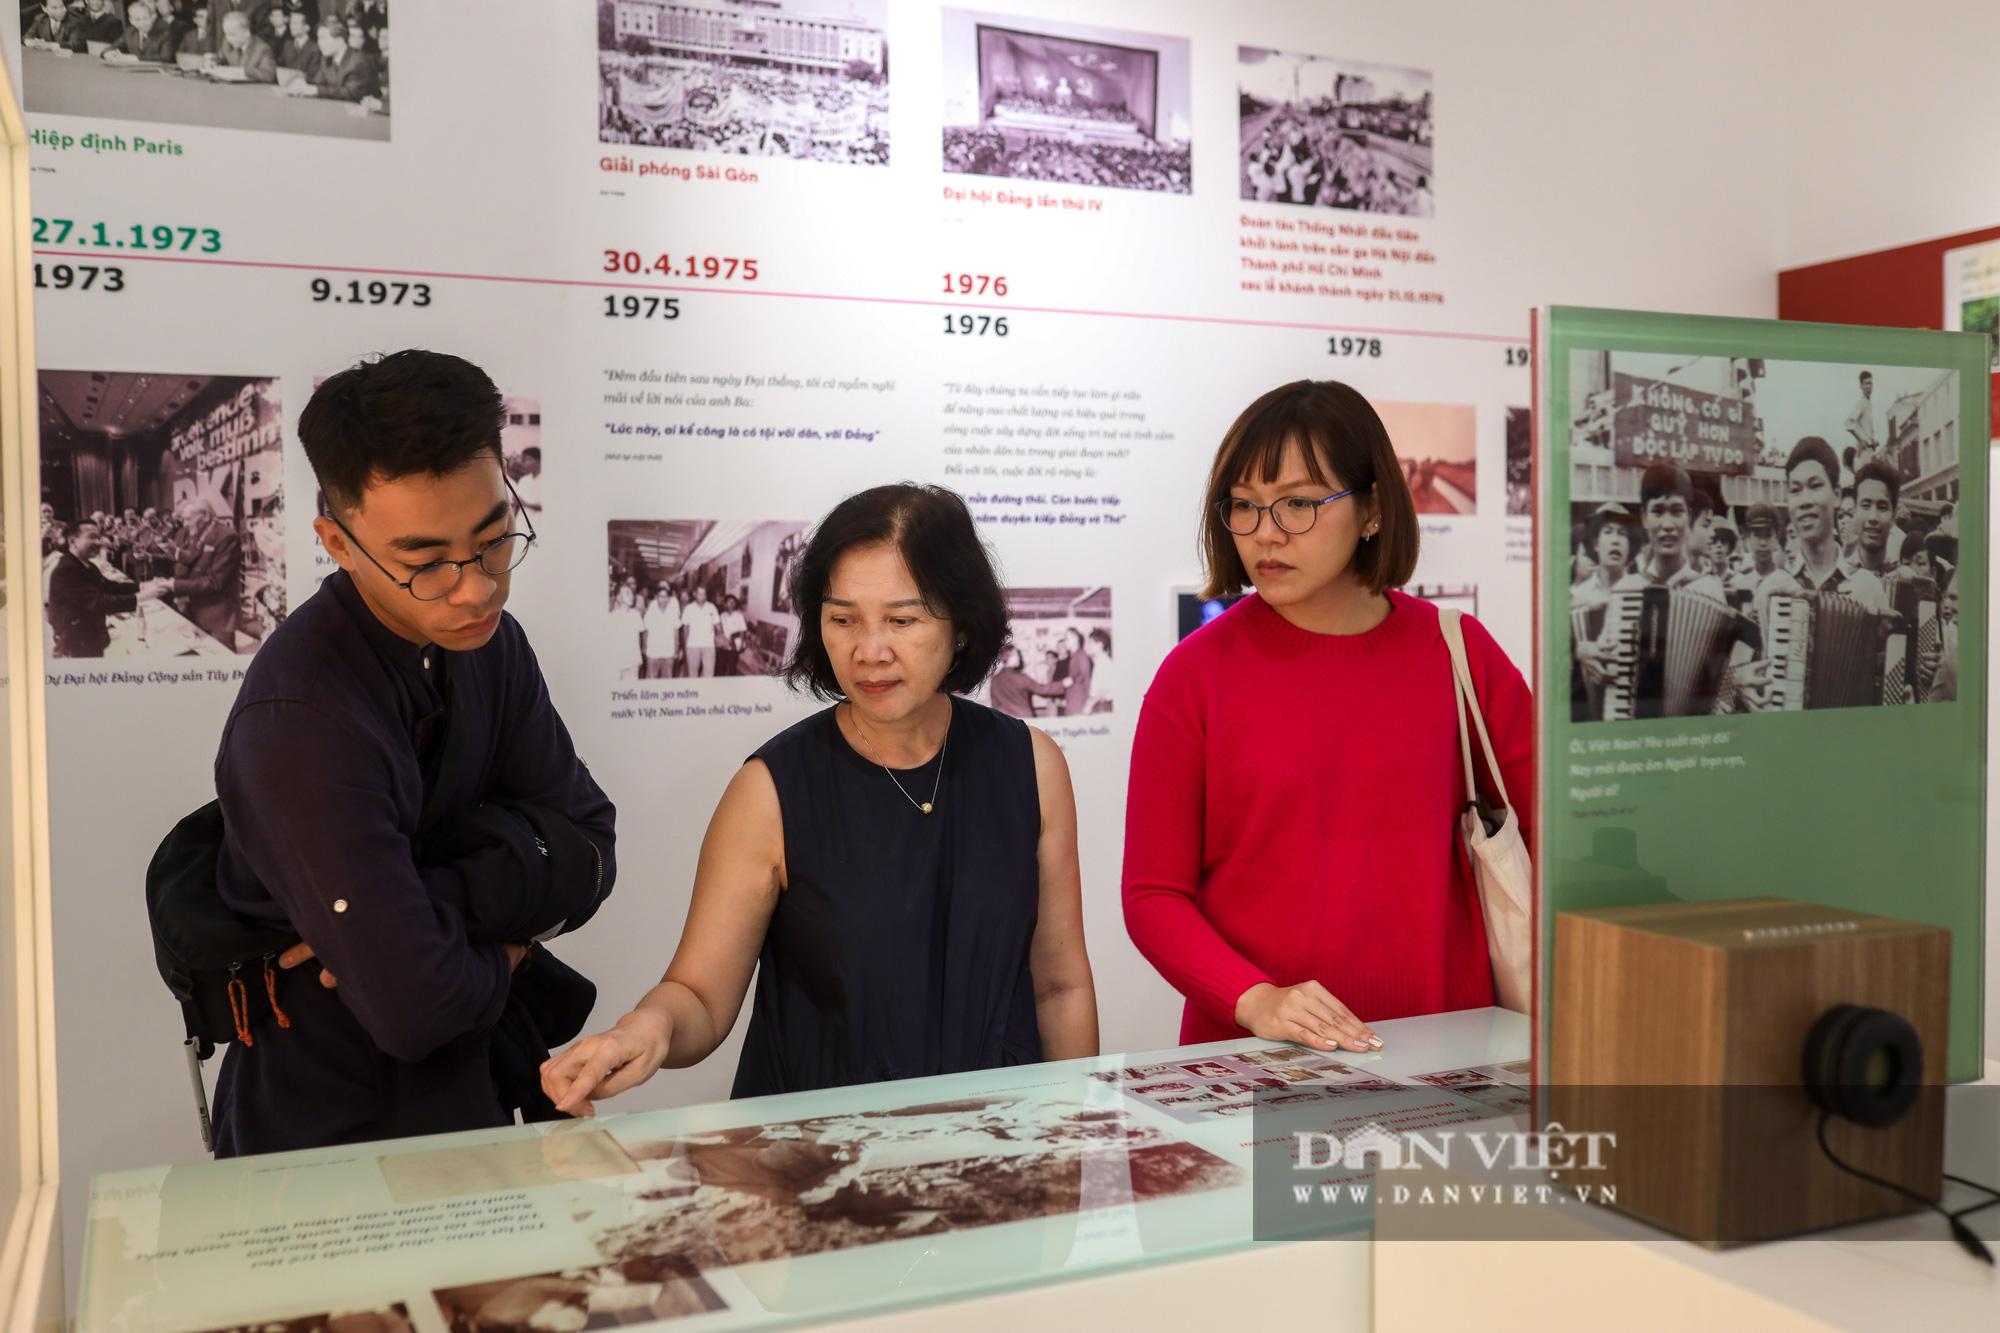 """Chiêm ngưỡng """"bảo tàng thơ"""" Tố Hữu mới xuất hiện tại Hà Nội - Ảnh 8."""